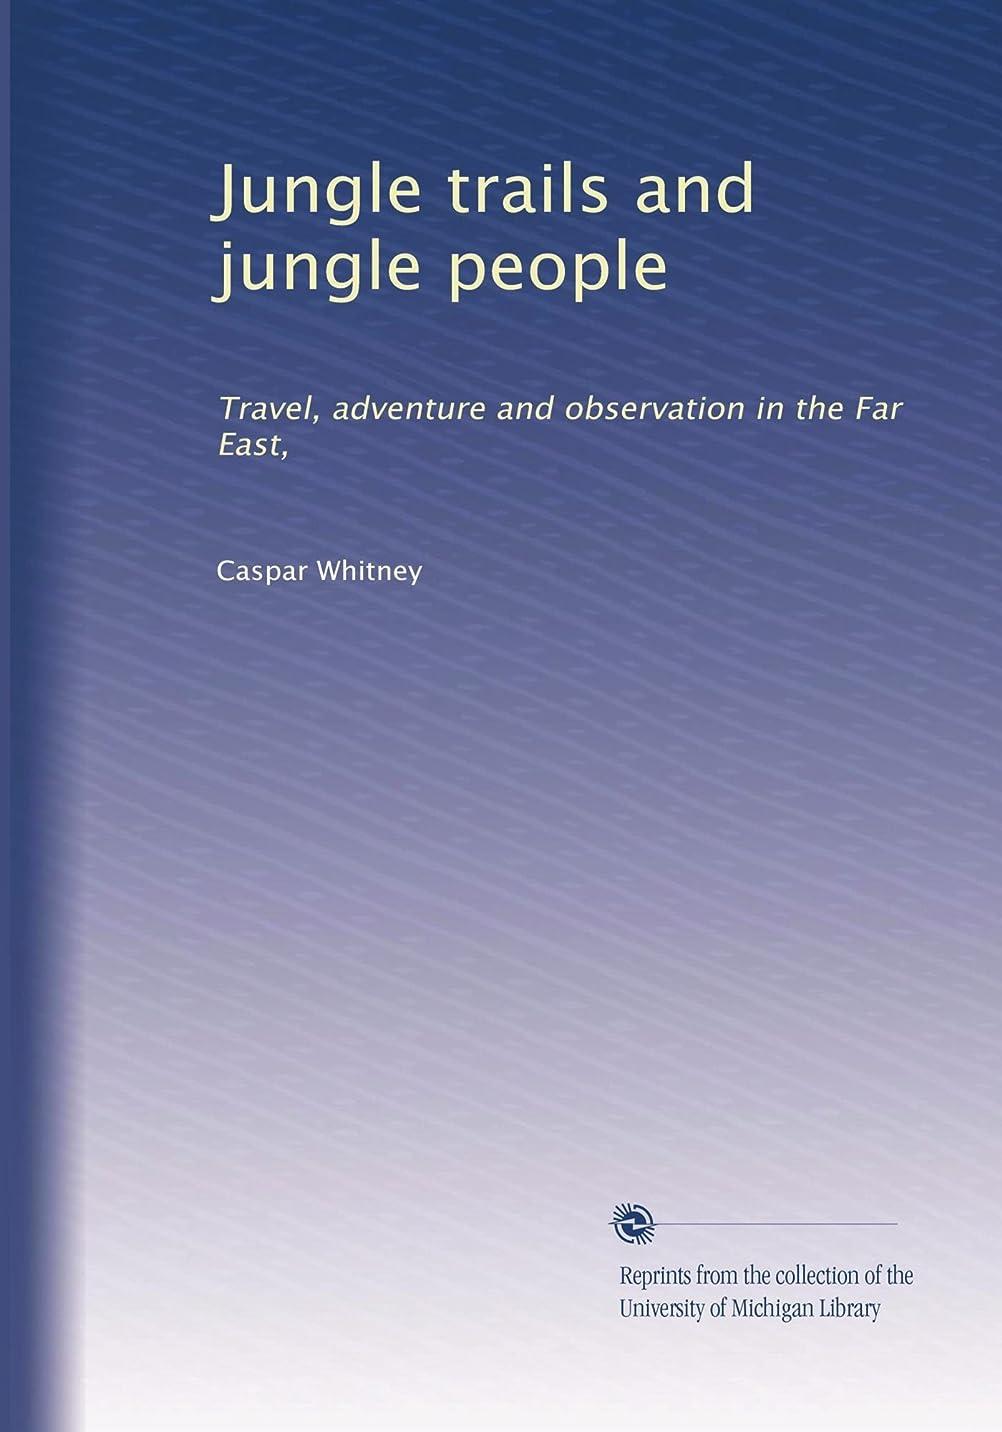 リーズシーボード魚Jungle trails and jungle people: Travel, adventure and observation in the Far East,